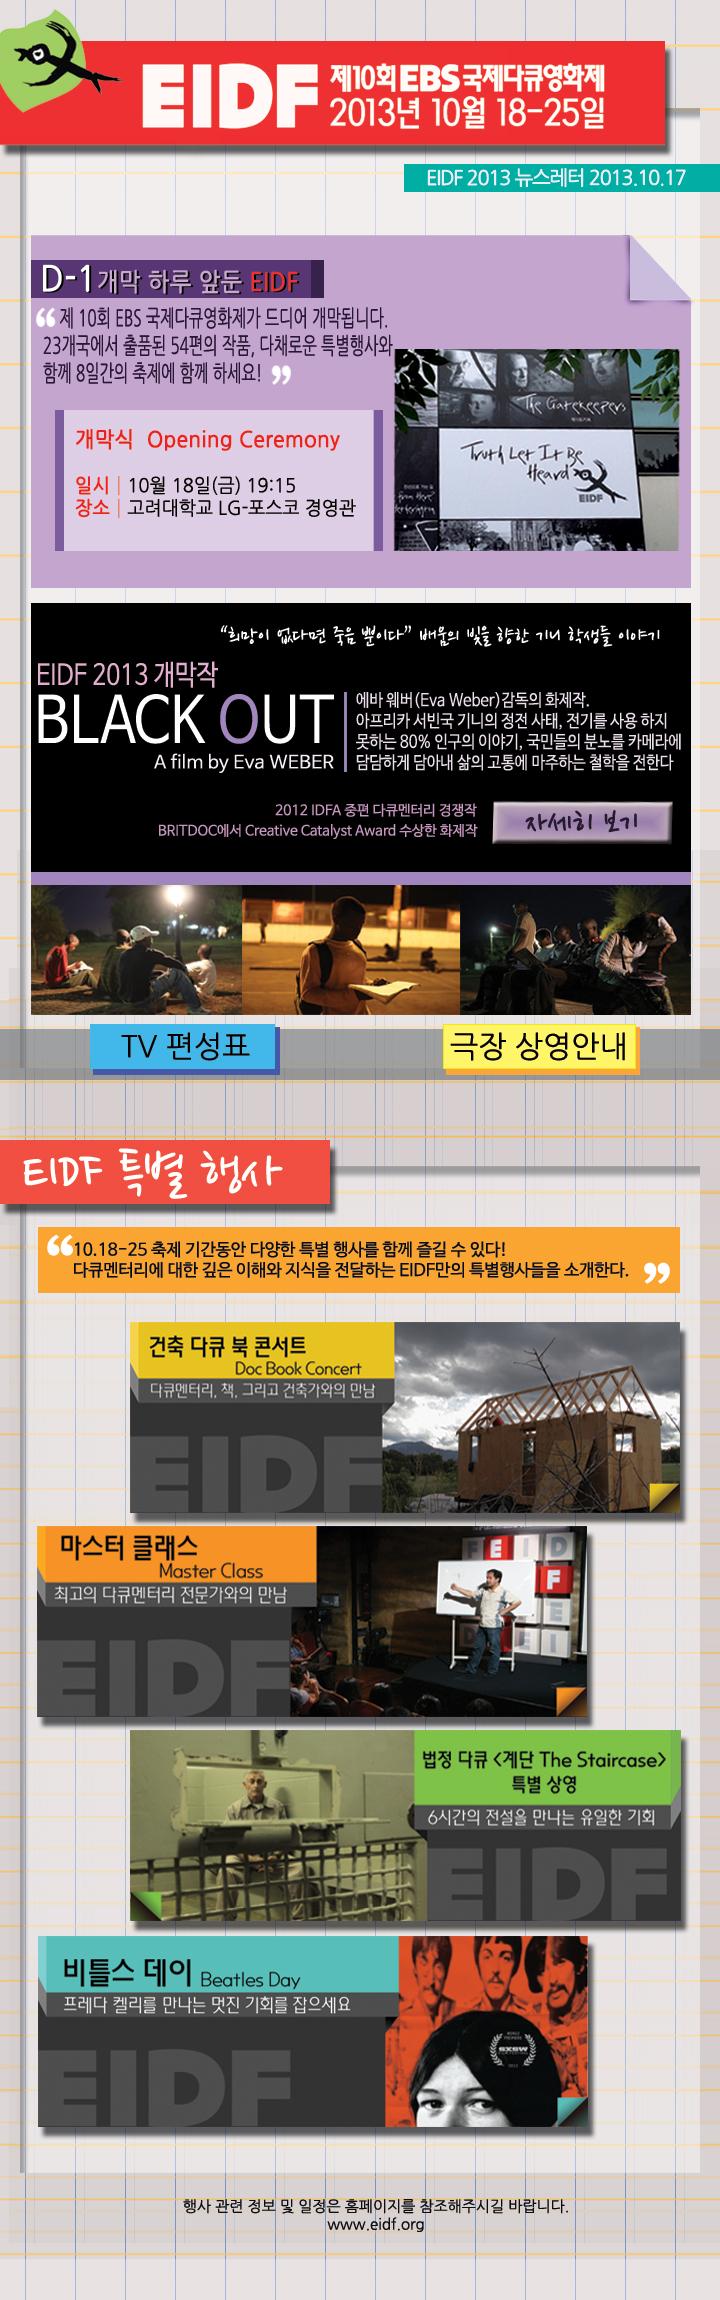 제10회 EBS 국제다큐영화제 EIDF 2013년 10월 18일~25일